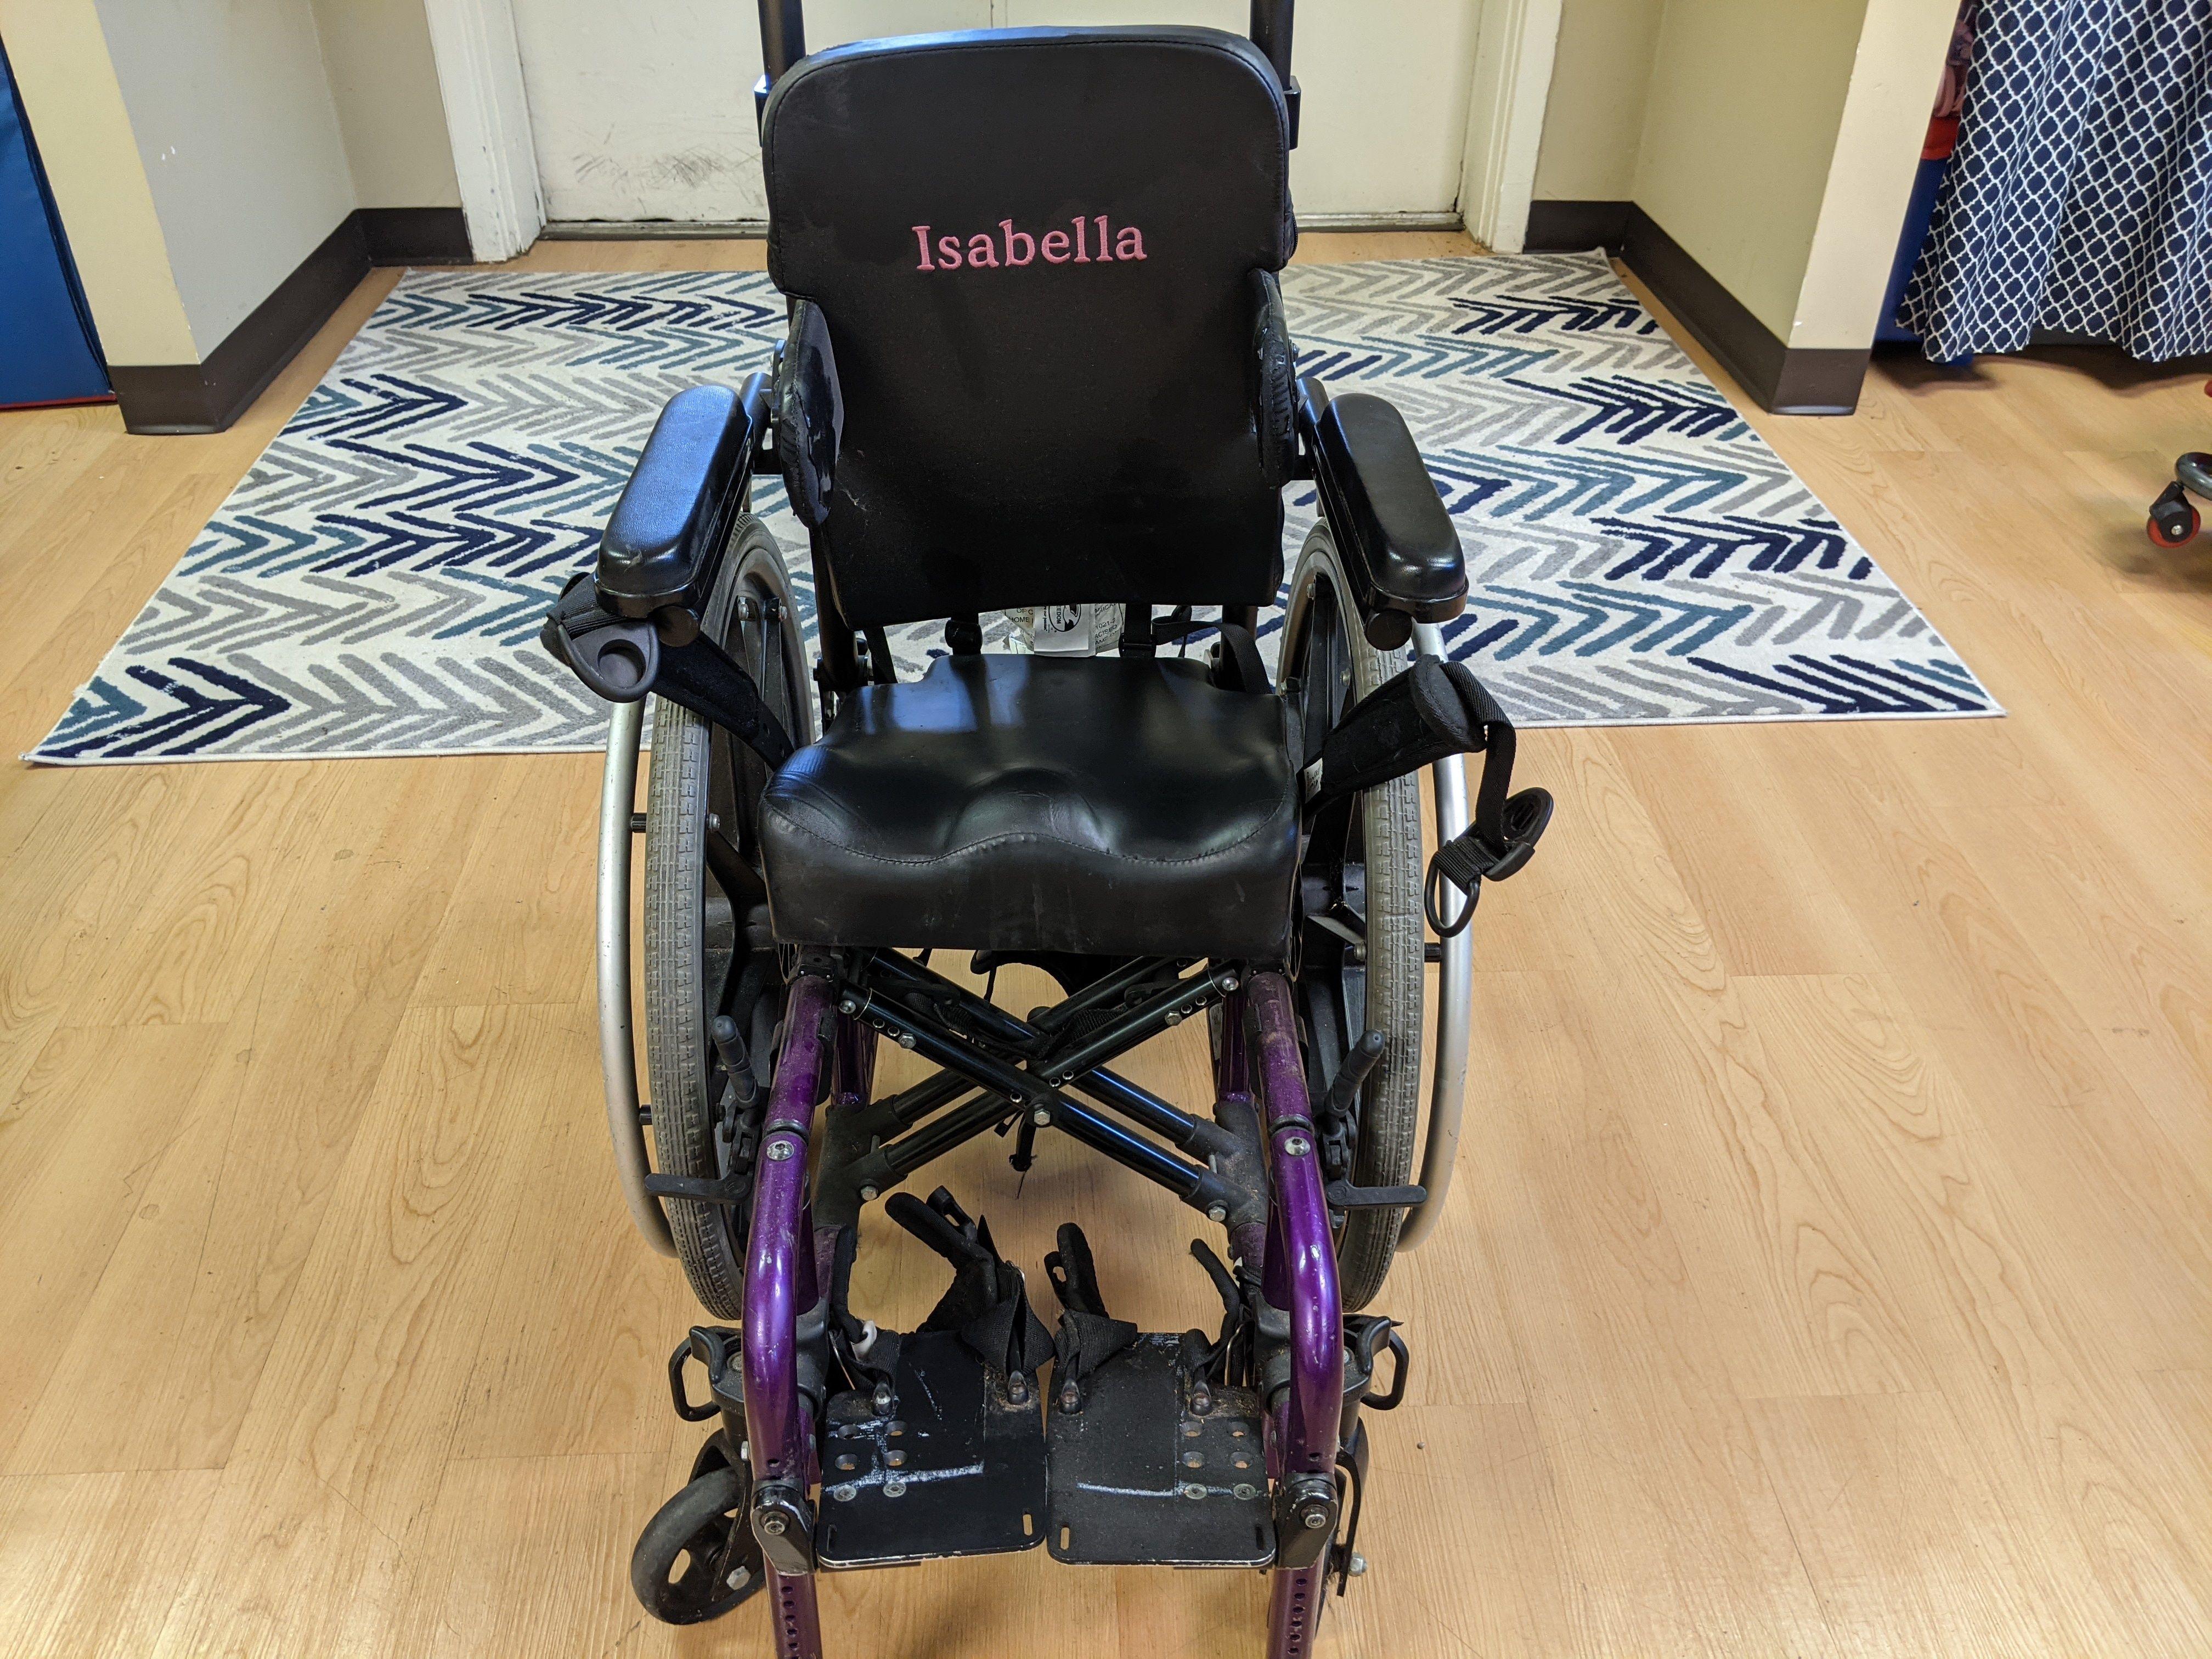 Katalyst Folding Wheelchair